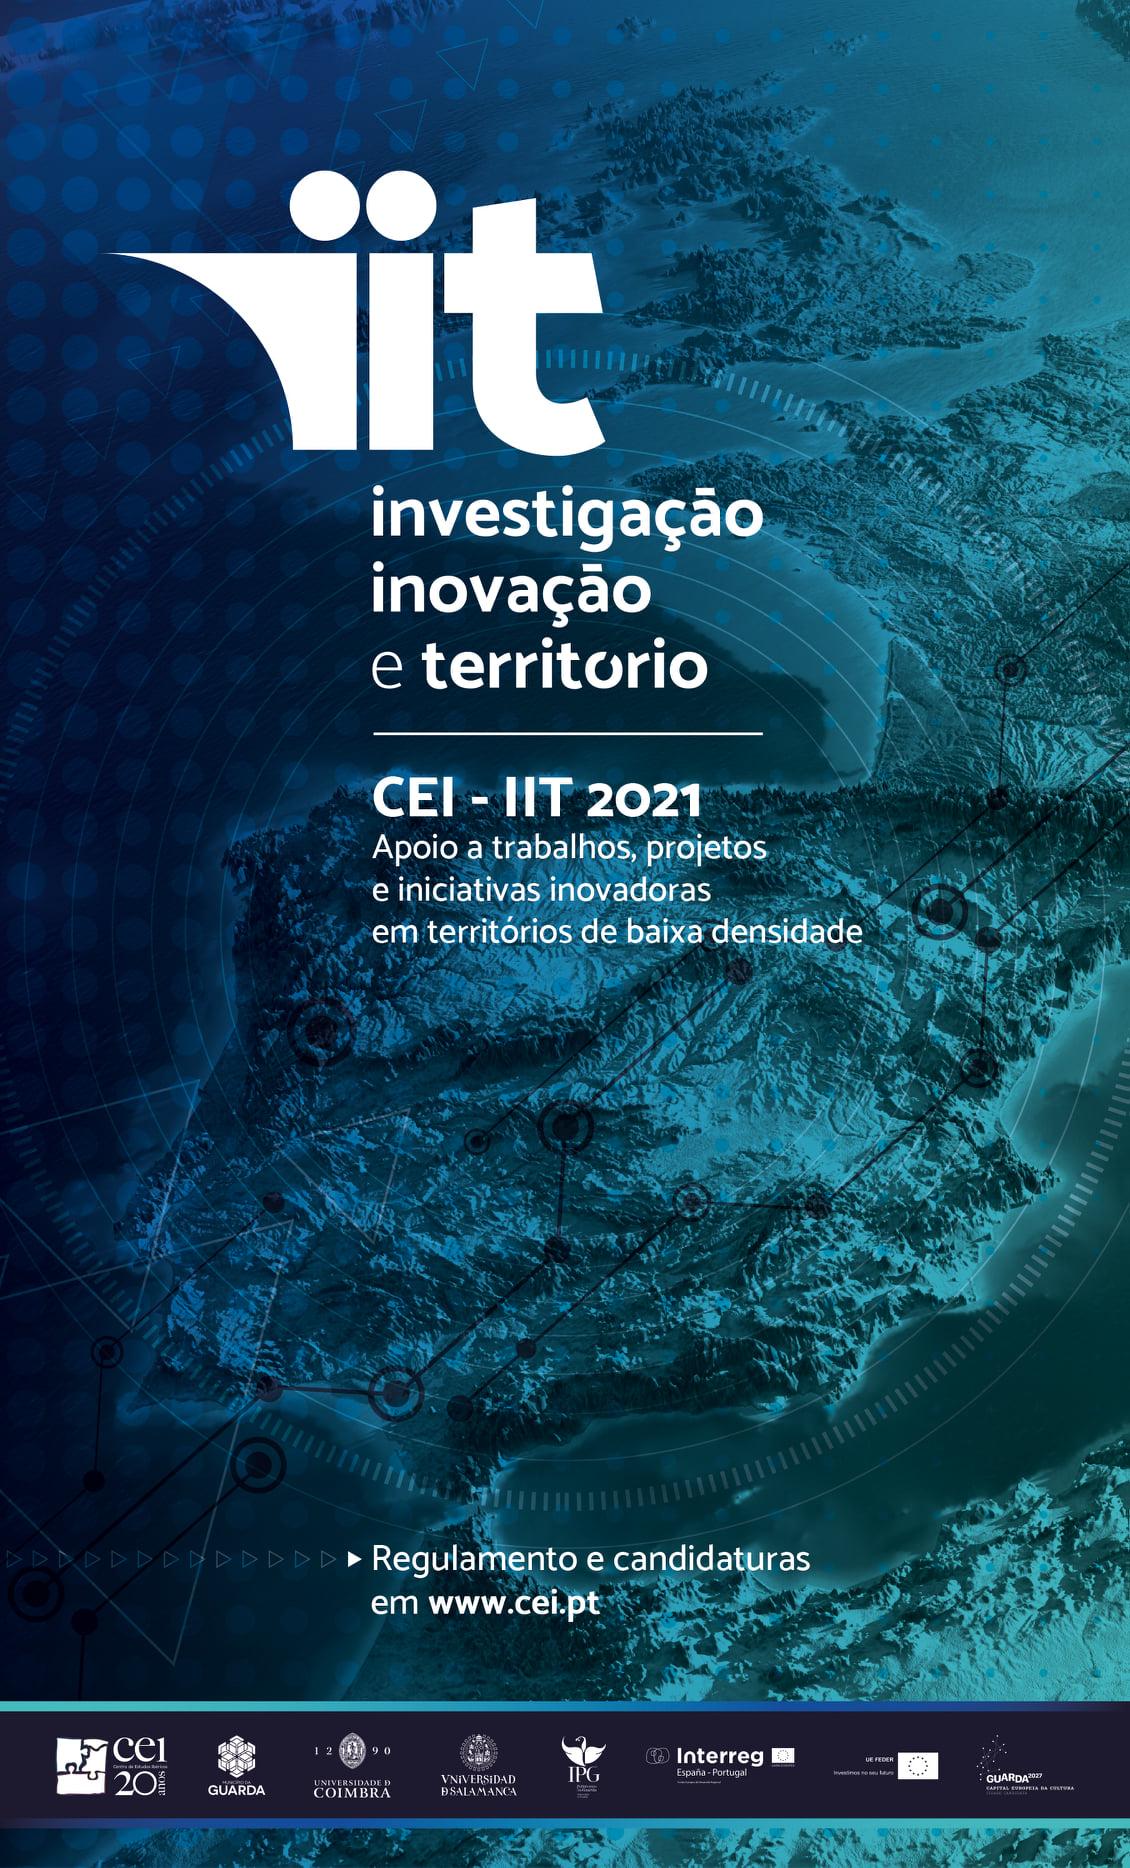 Imagem: Prémio CEI - IIT 2021, candidaturas até 8 de outubro